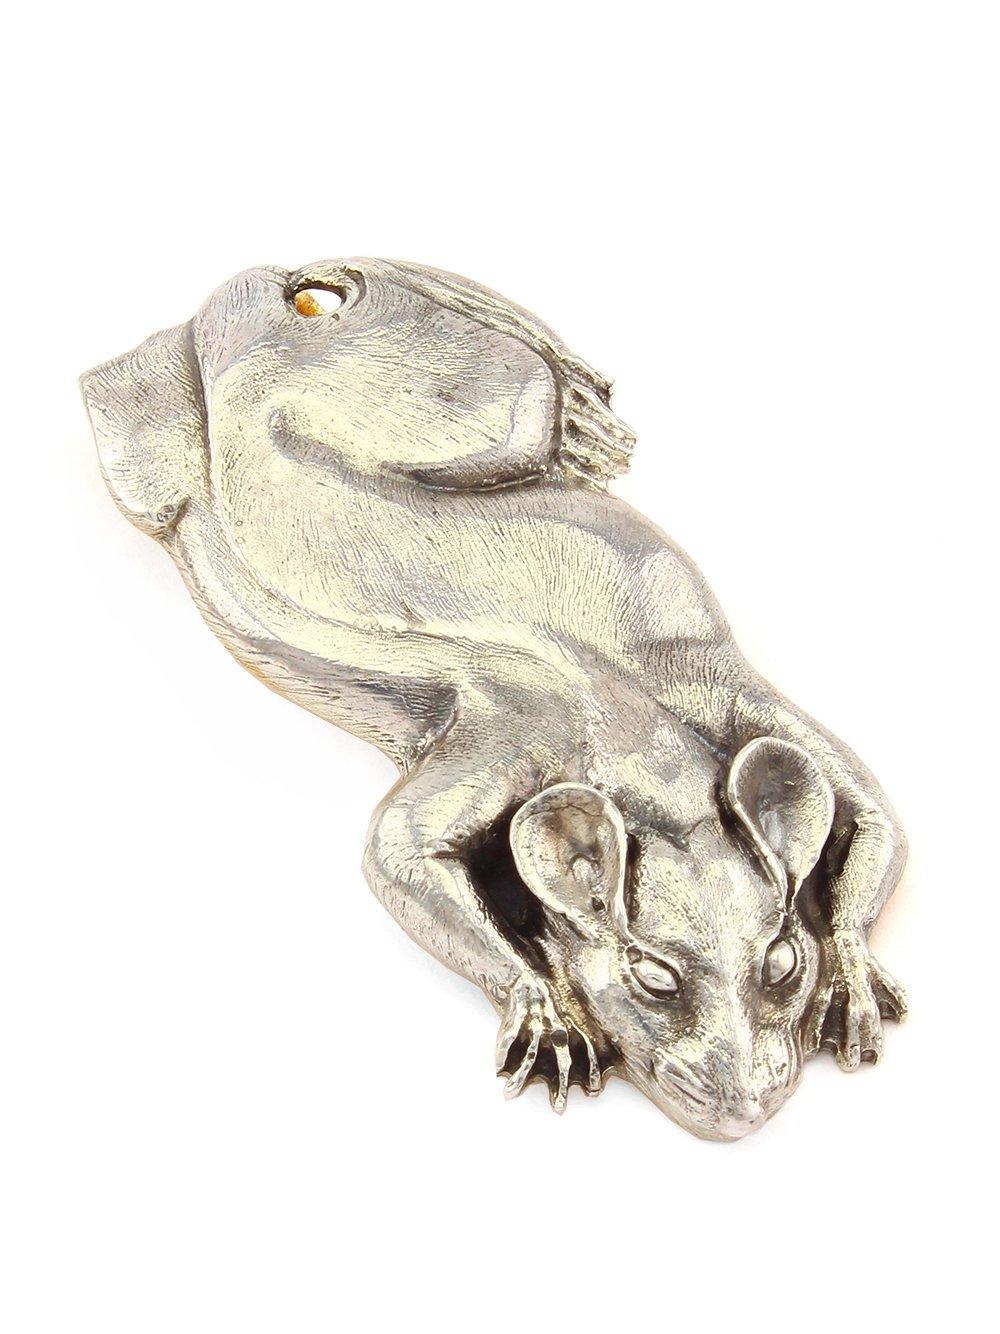 Silver Banknote clip Money clip ''Rat''